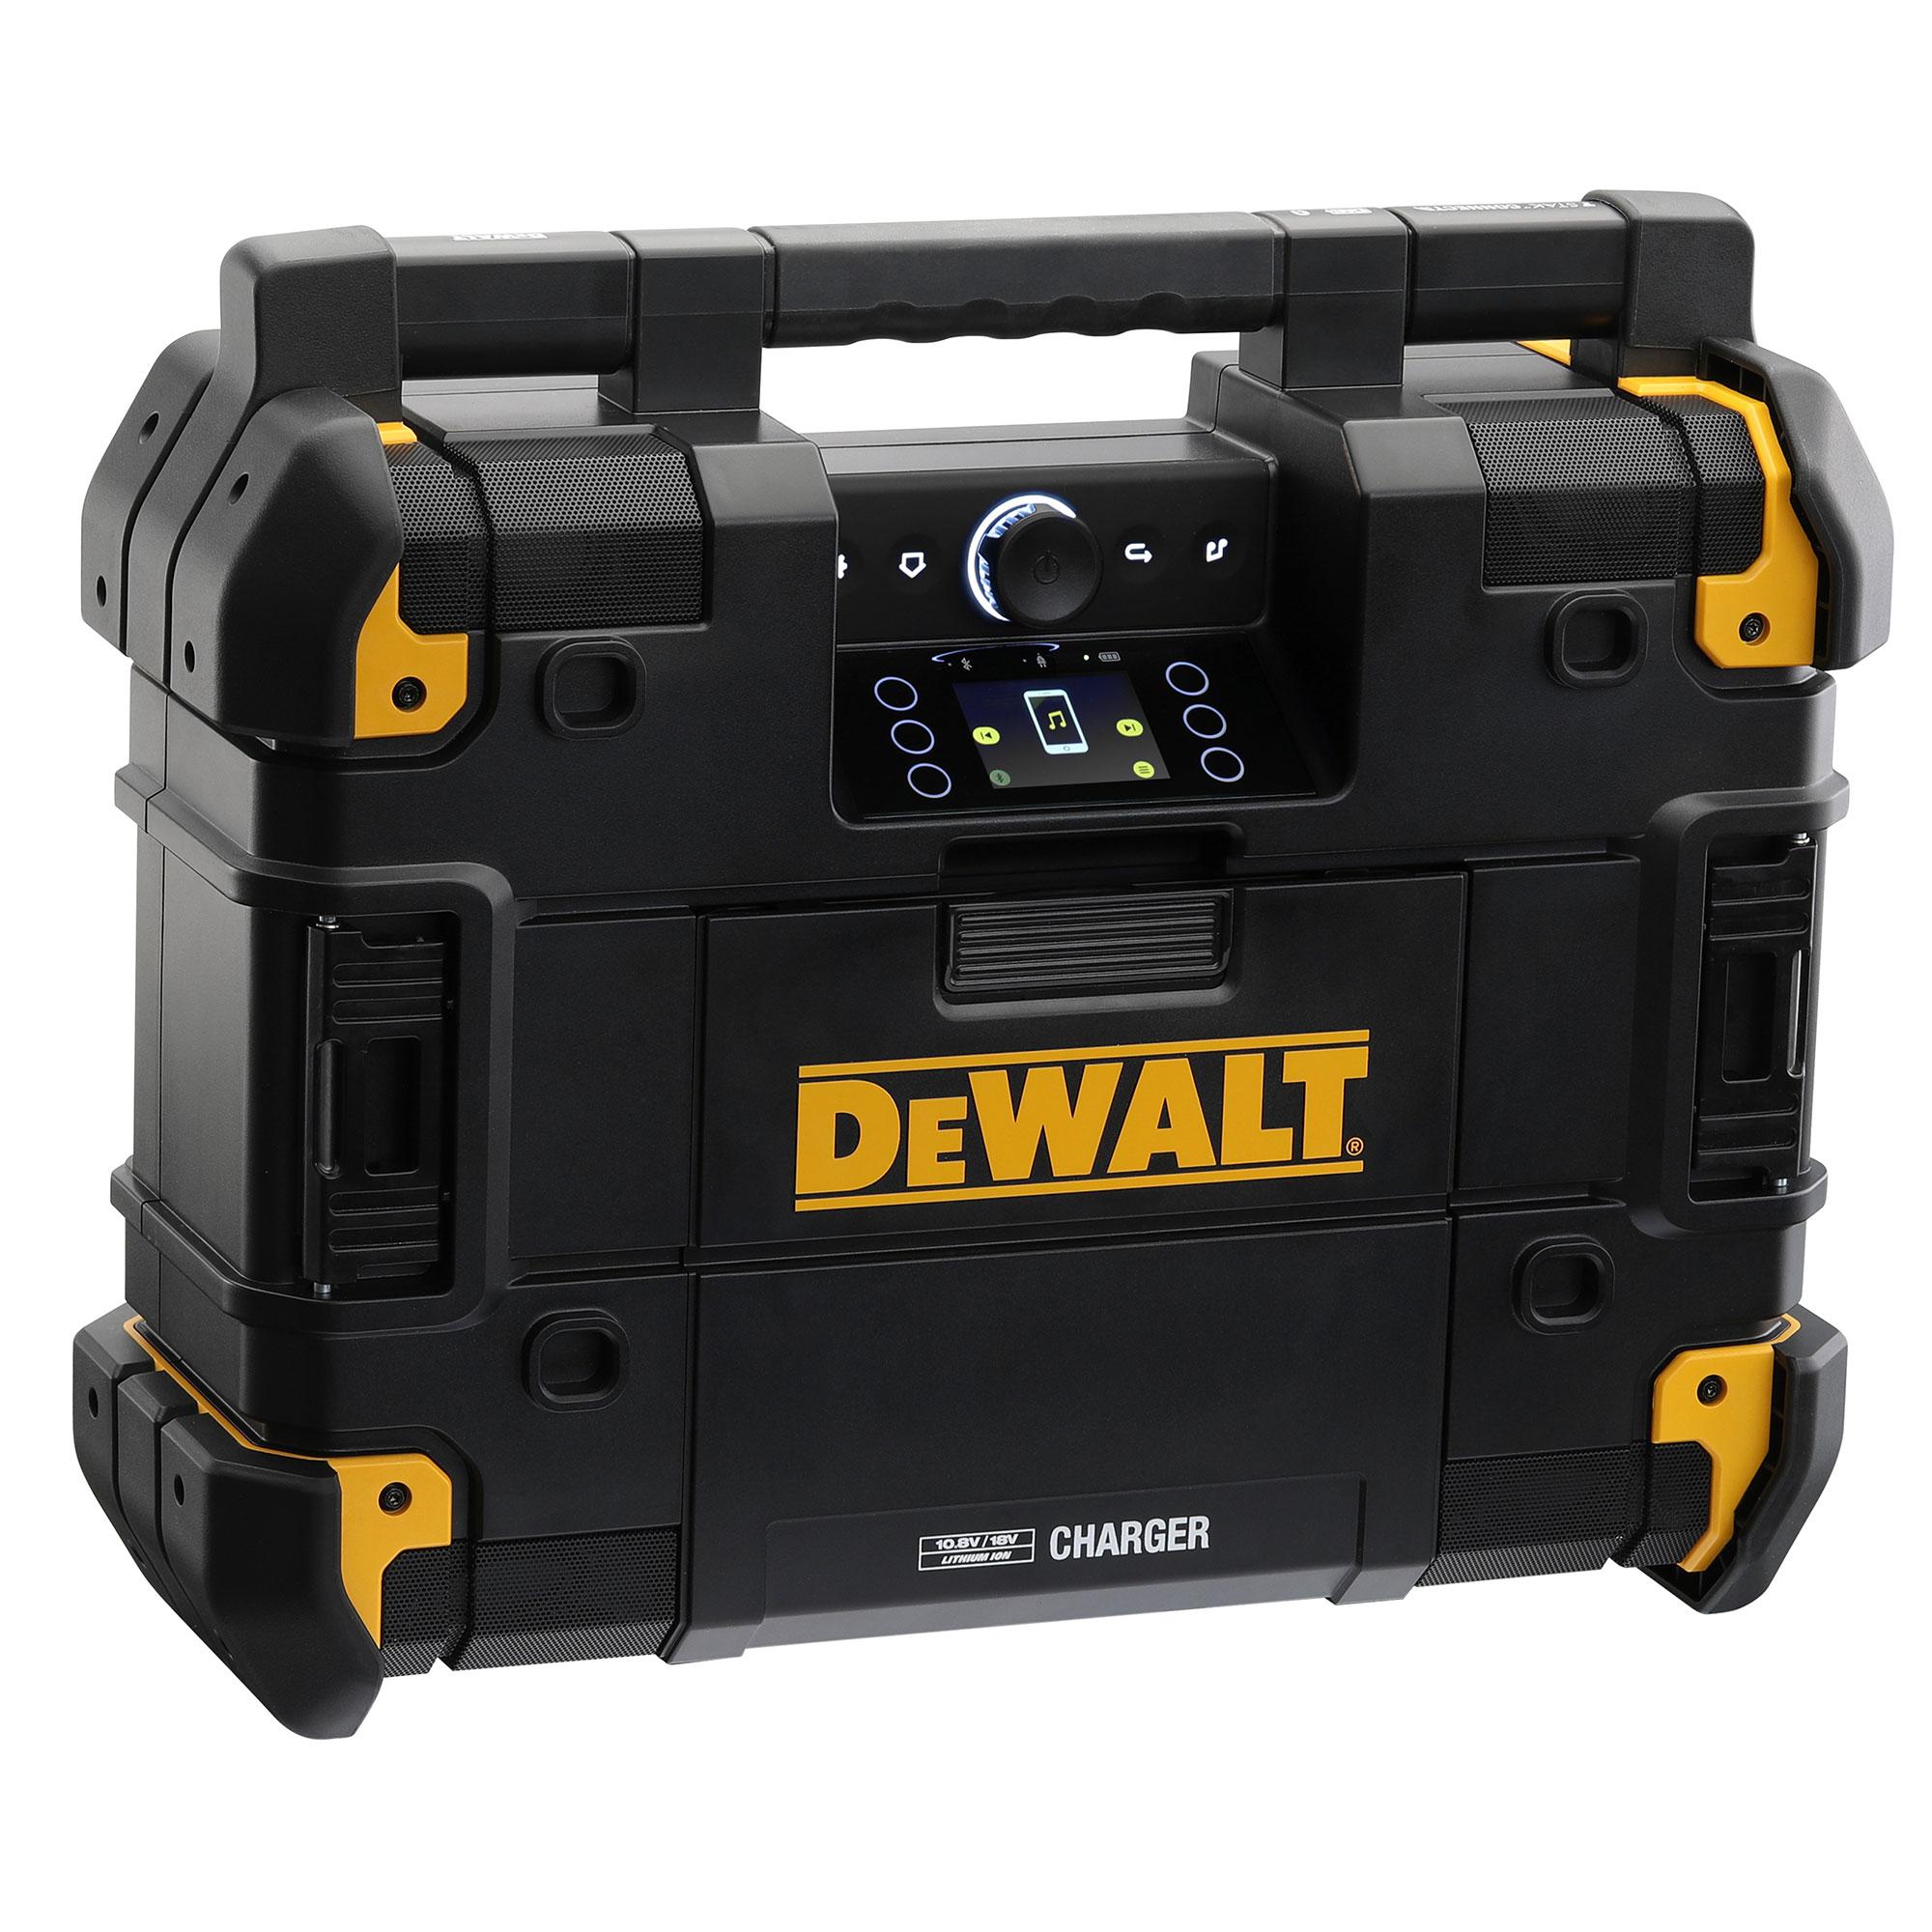 Dewalt TSTAK Connected Radio DWST1-81079 - Tool Craze